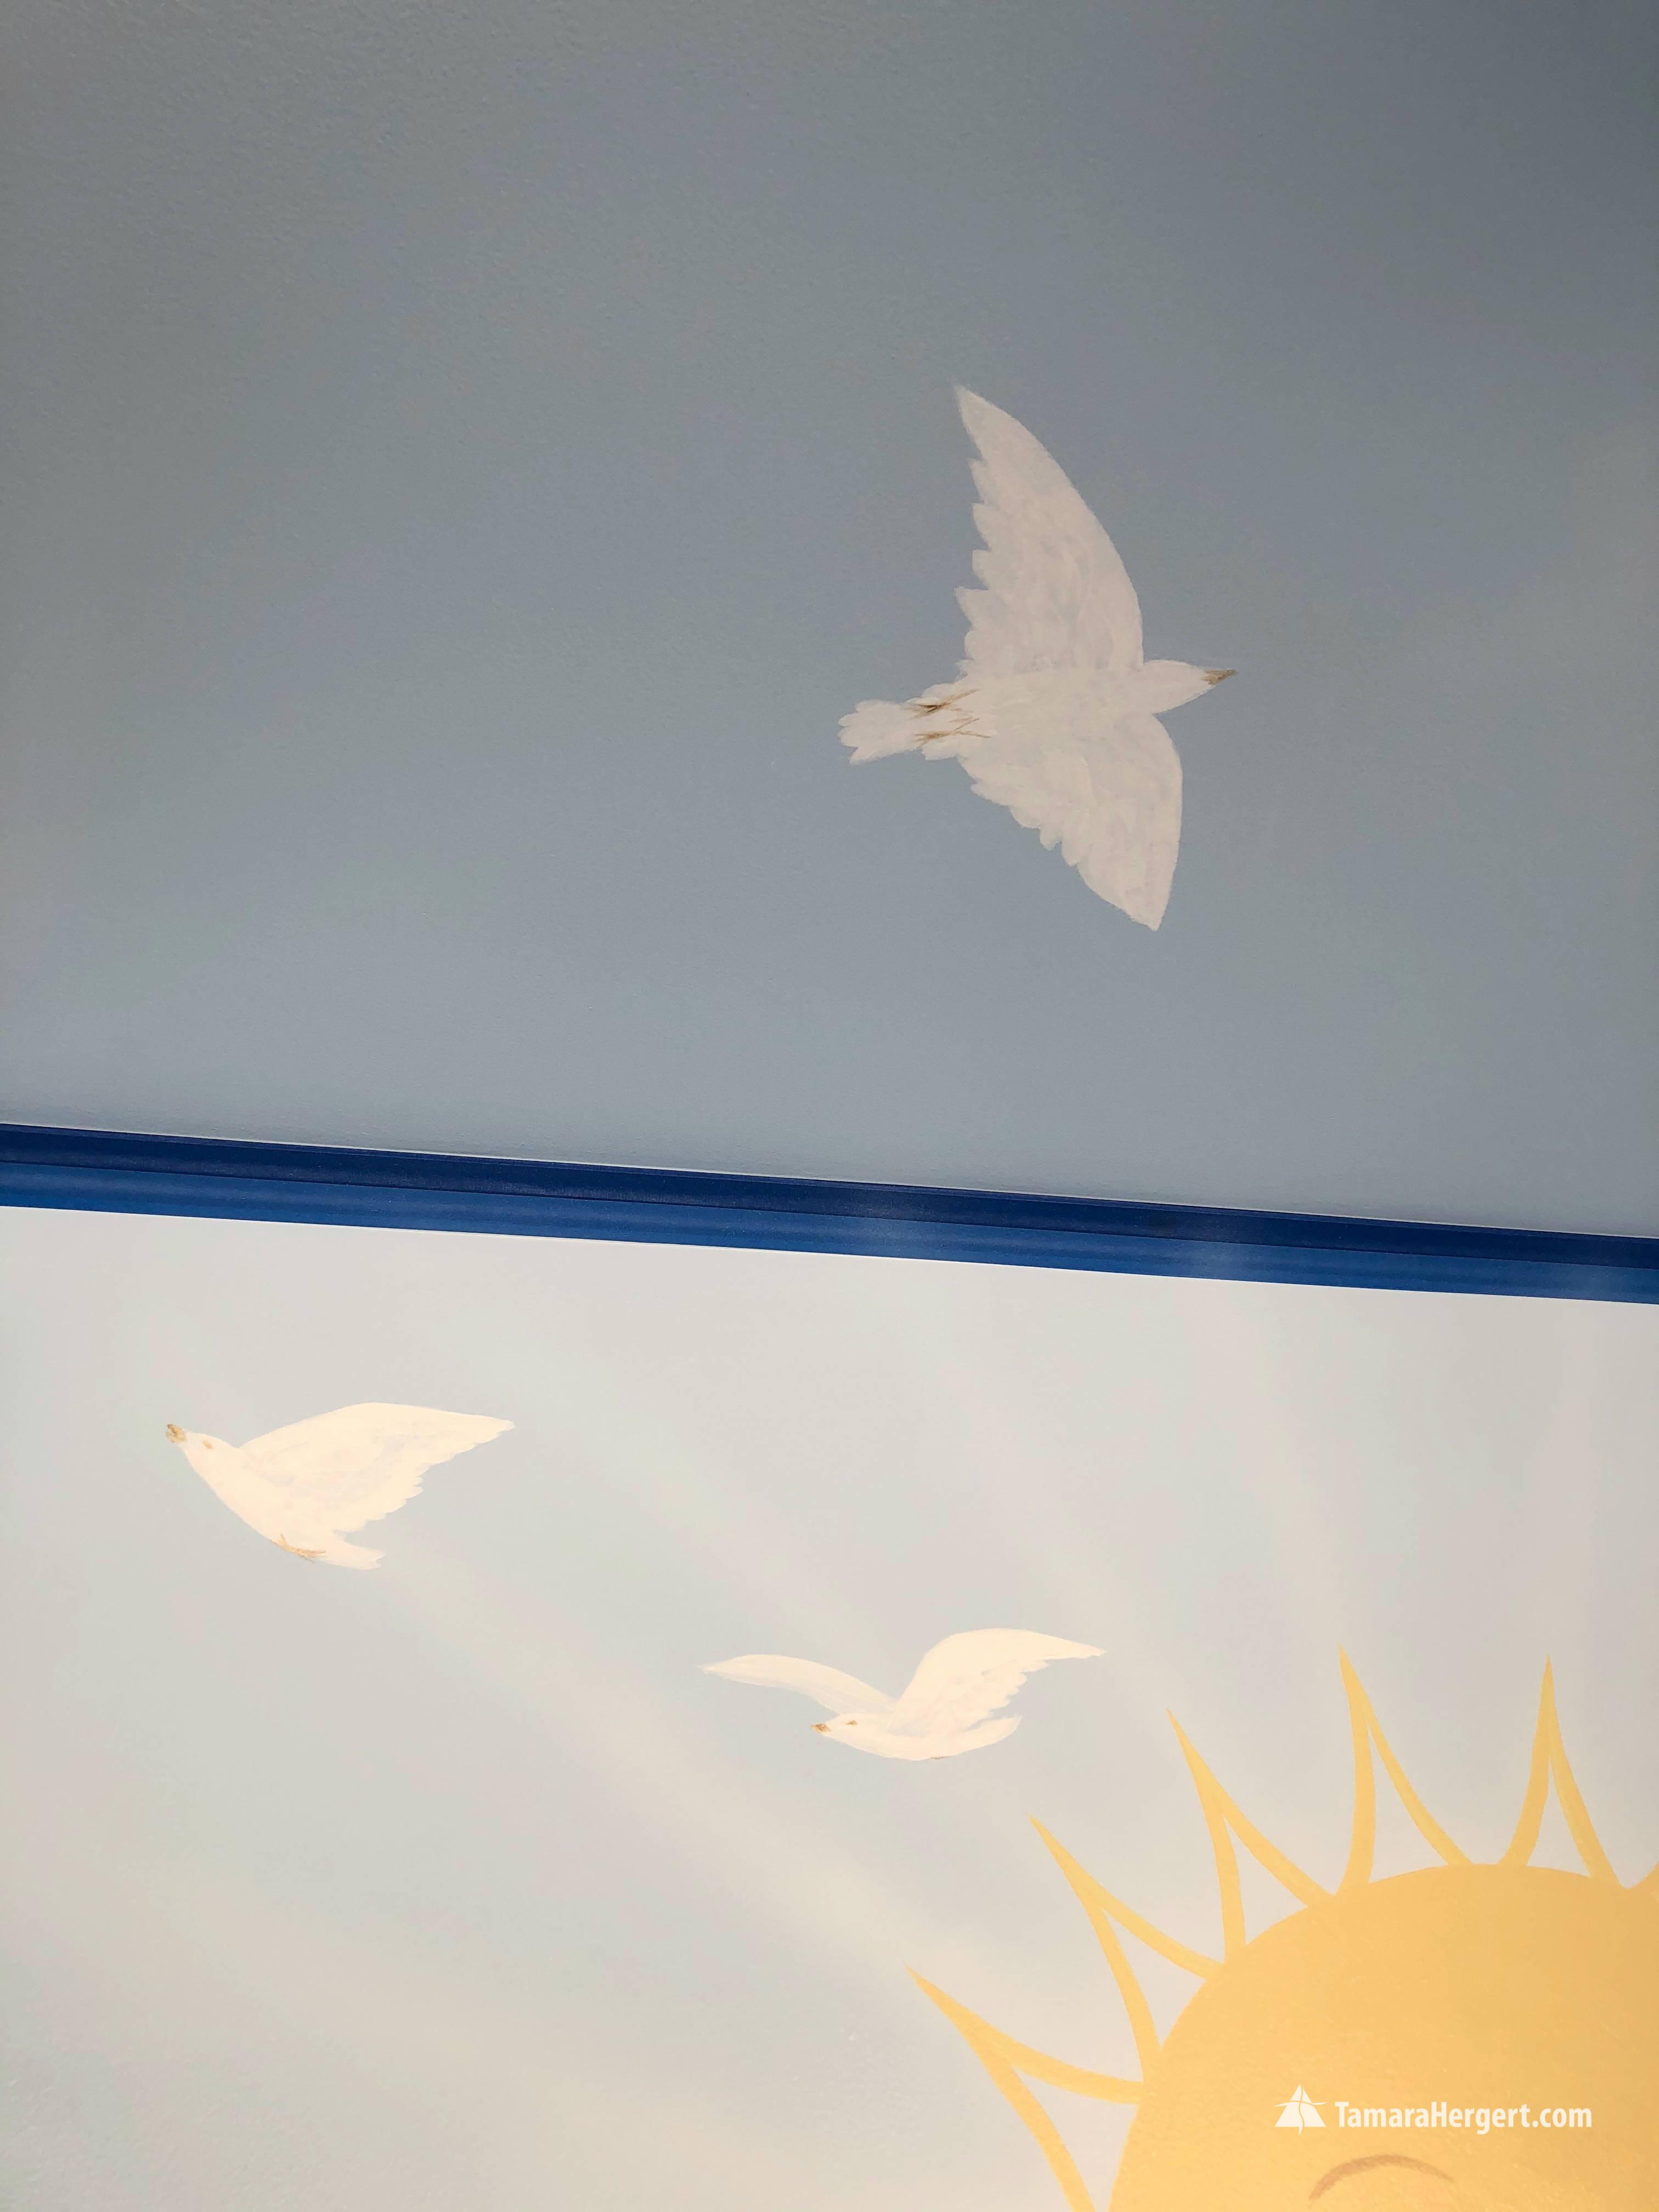 Night and Day mural by Tamara Hergert 14